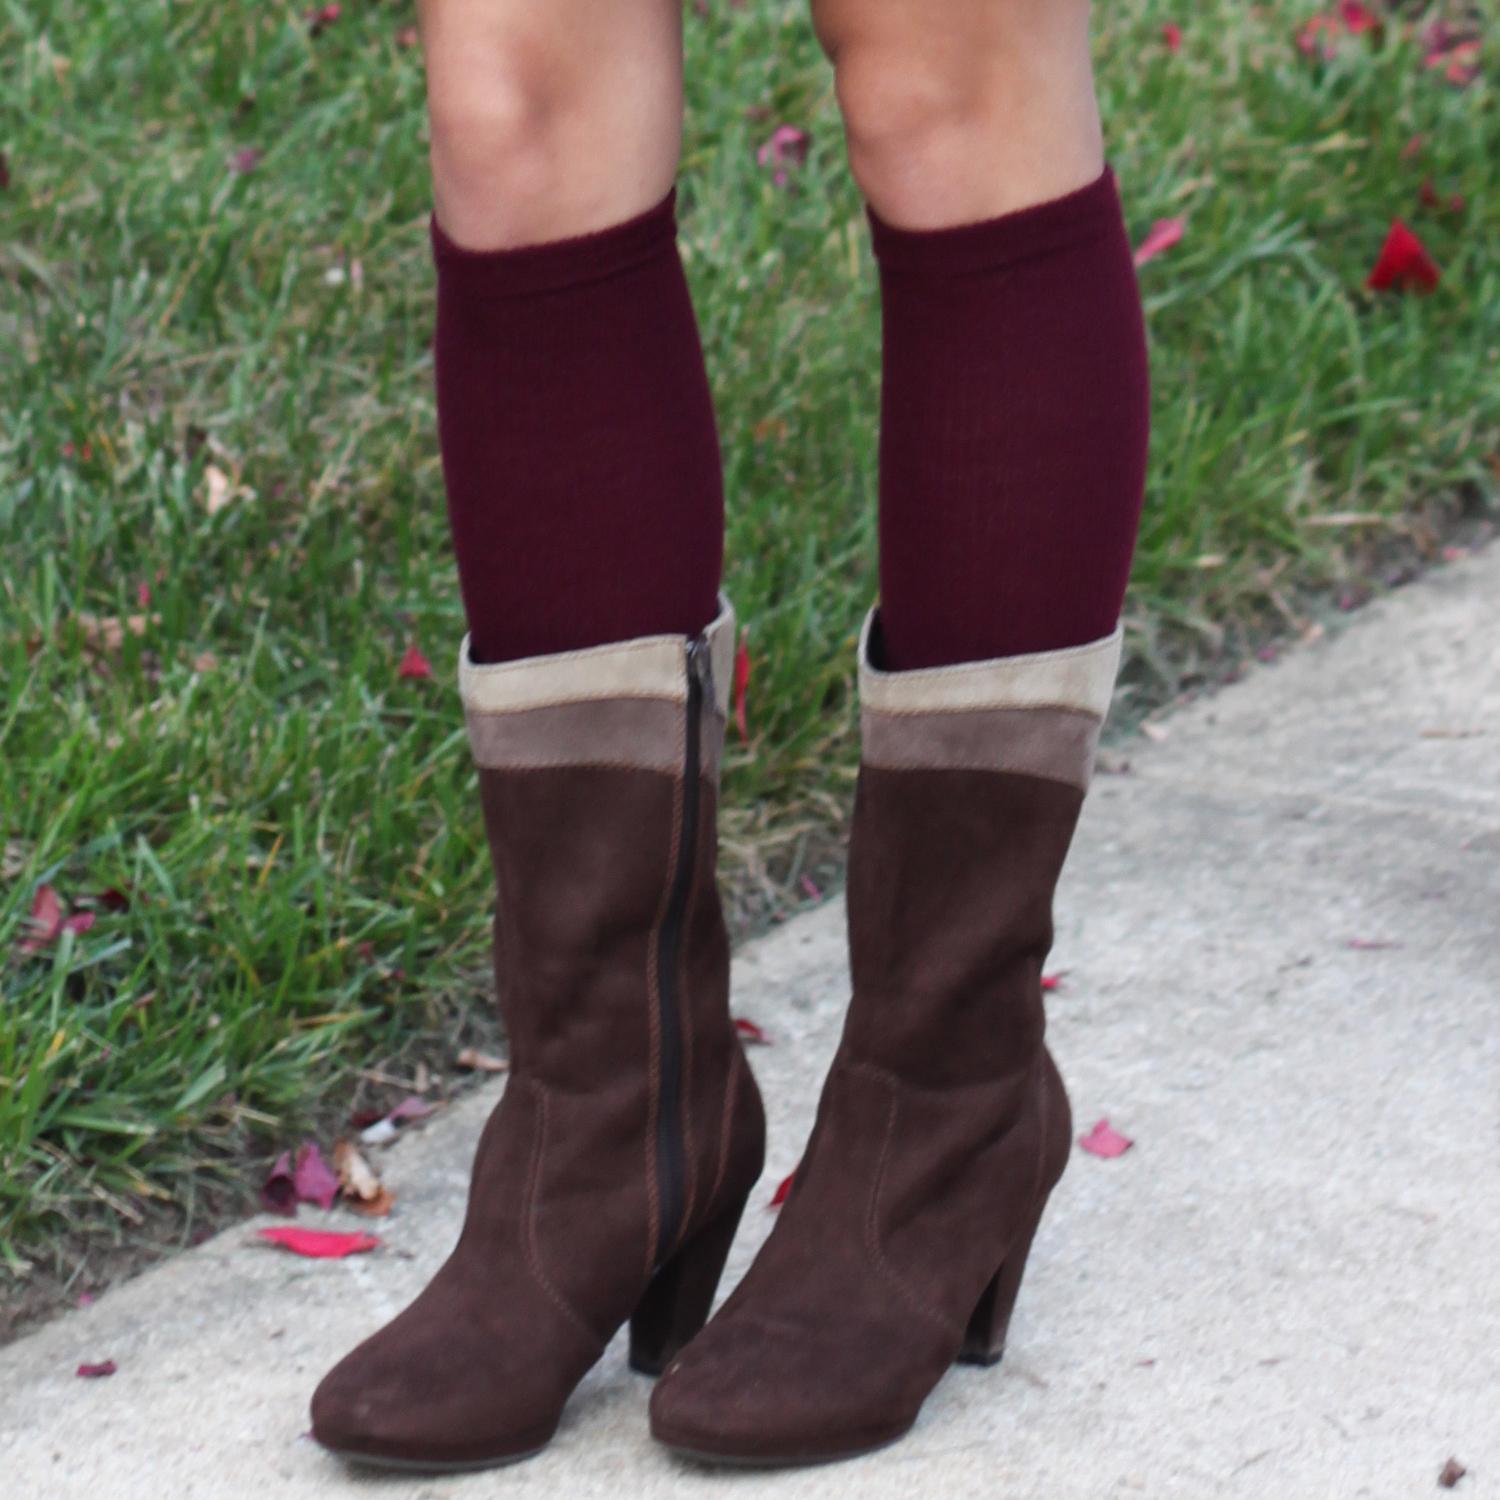 maroon boot socks